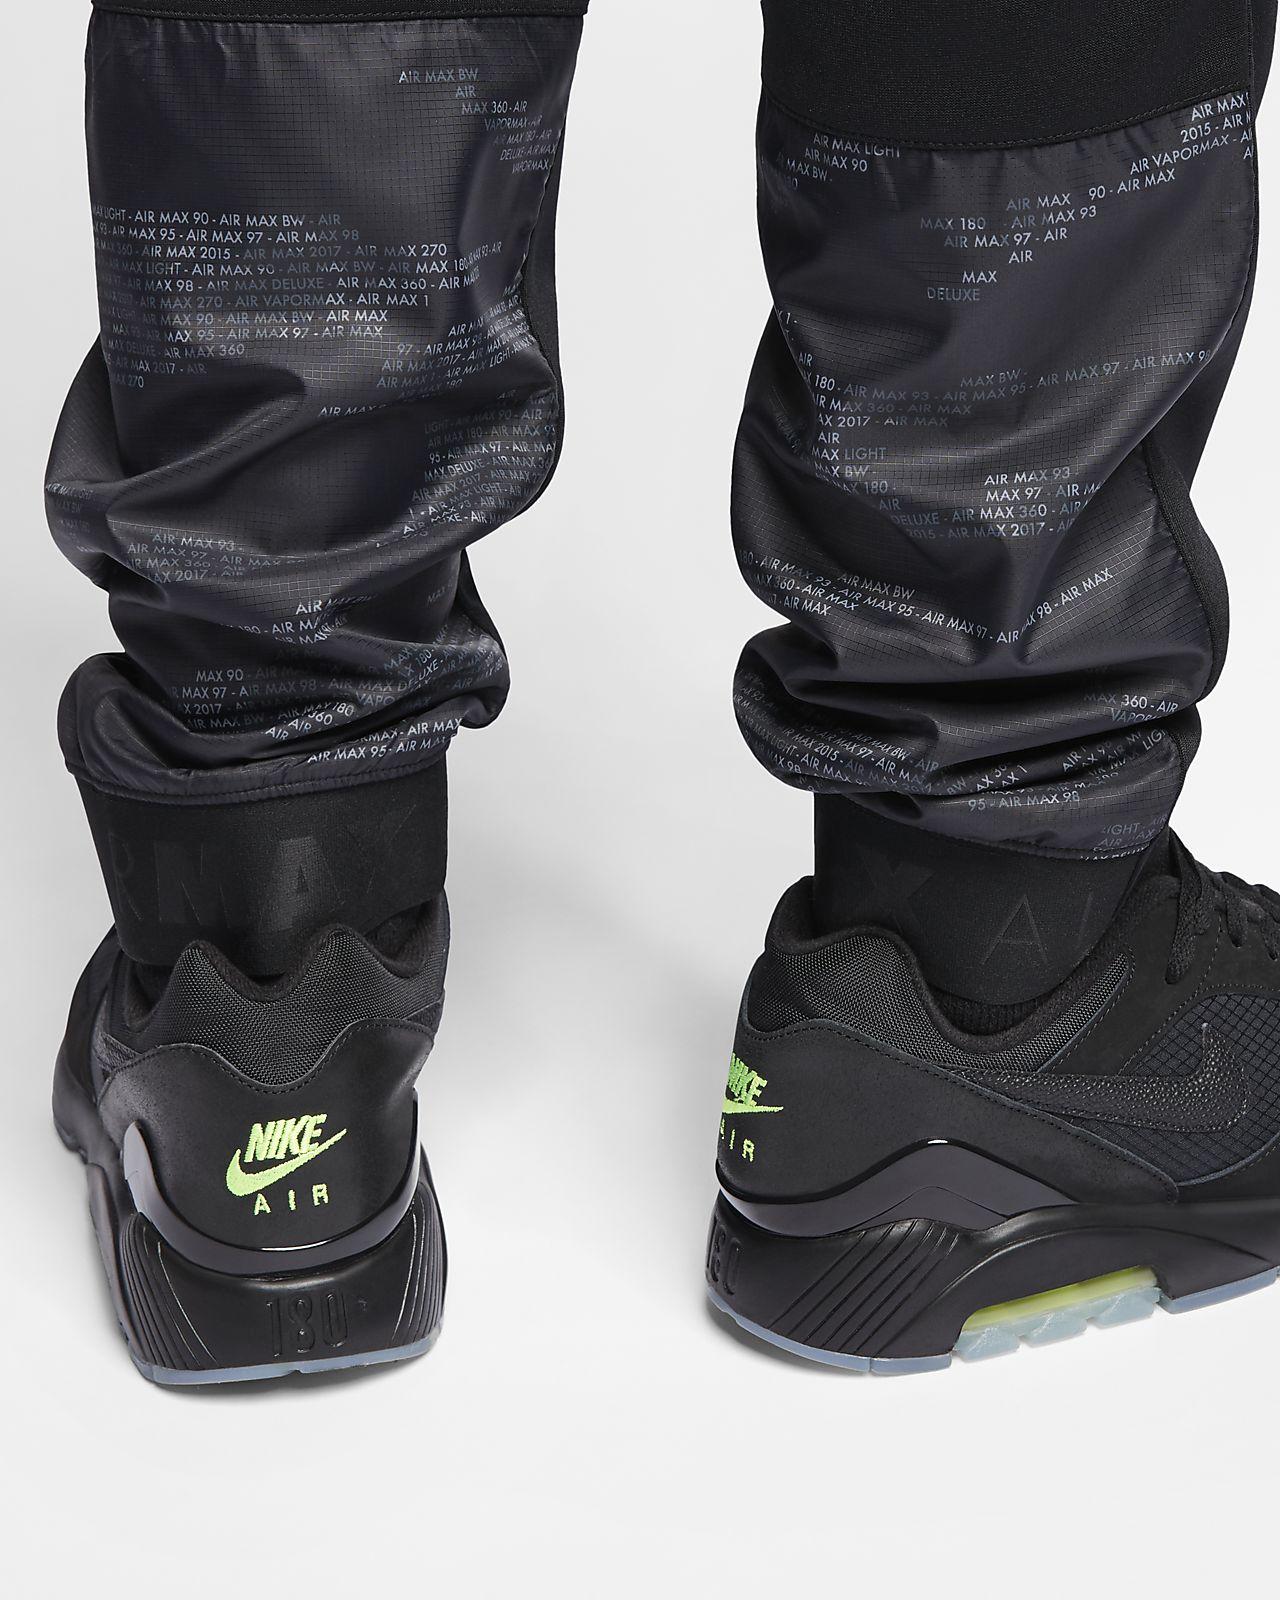 99f114dbab Nike Air Max Men's Joggers. Nike.com GB